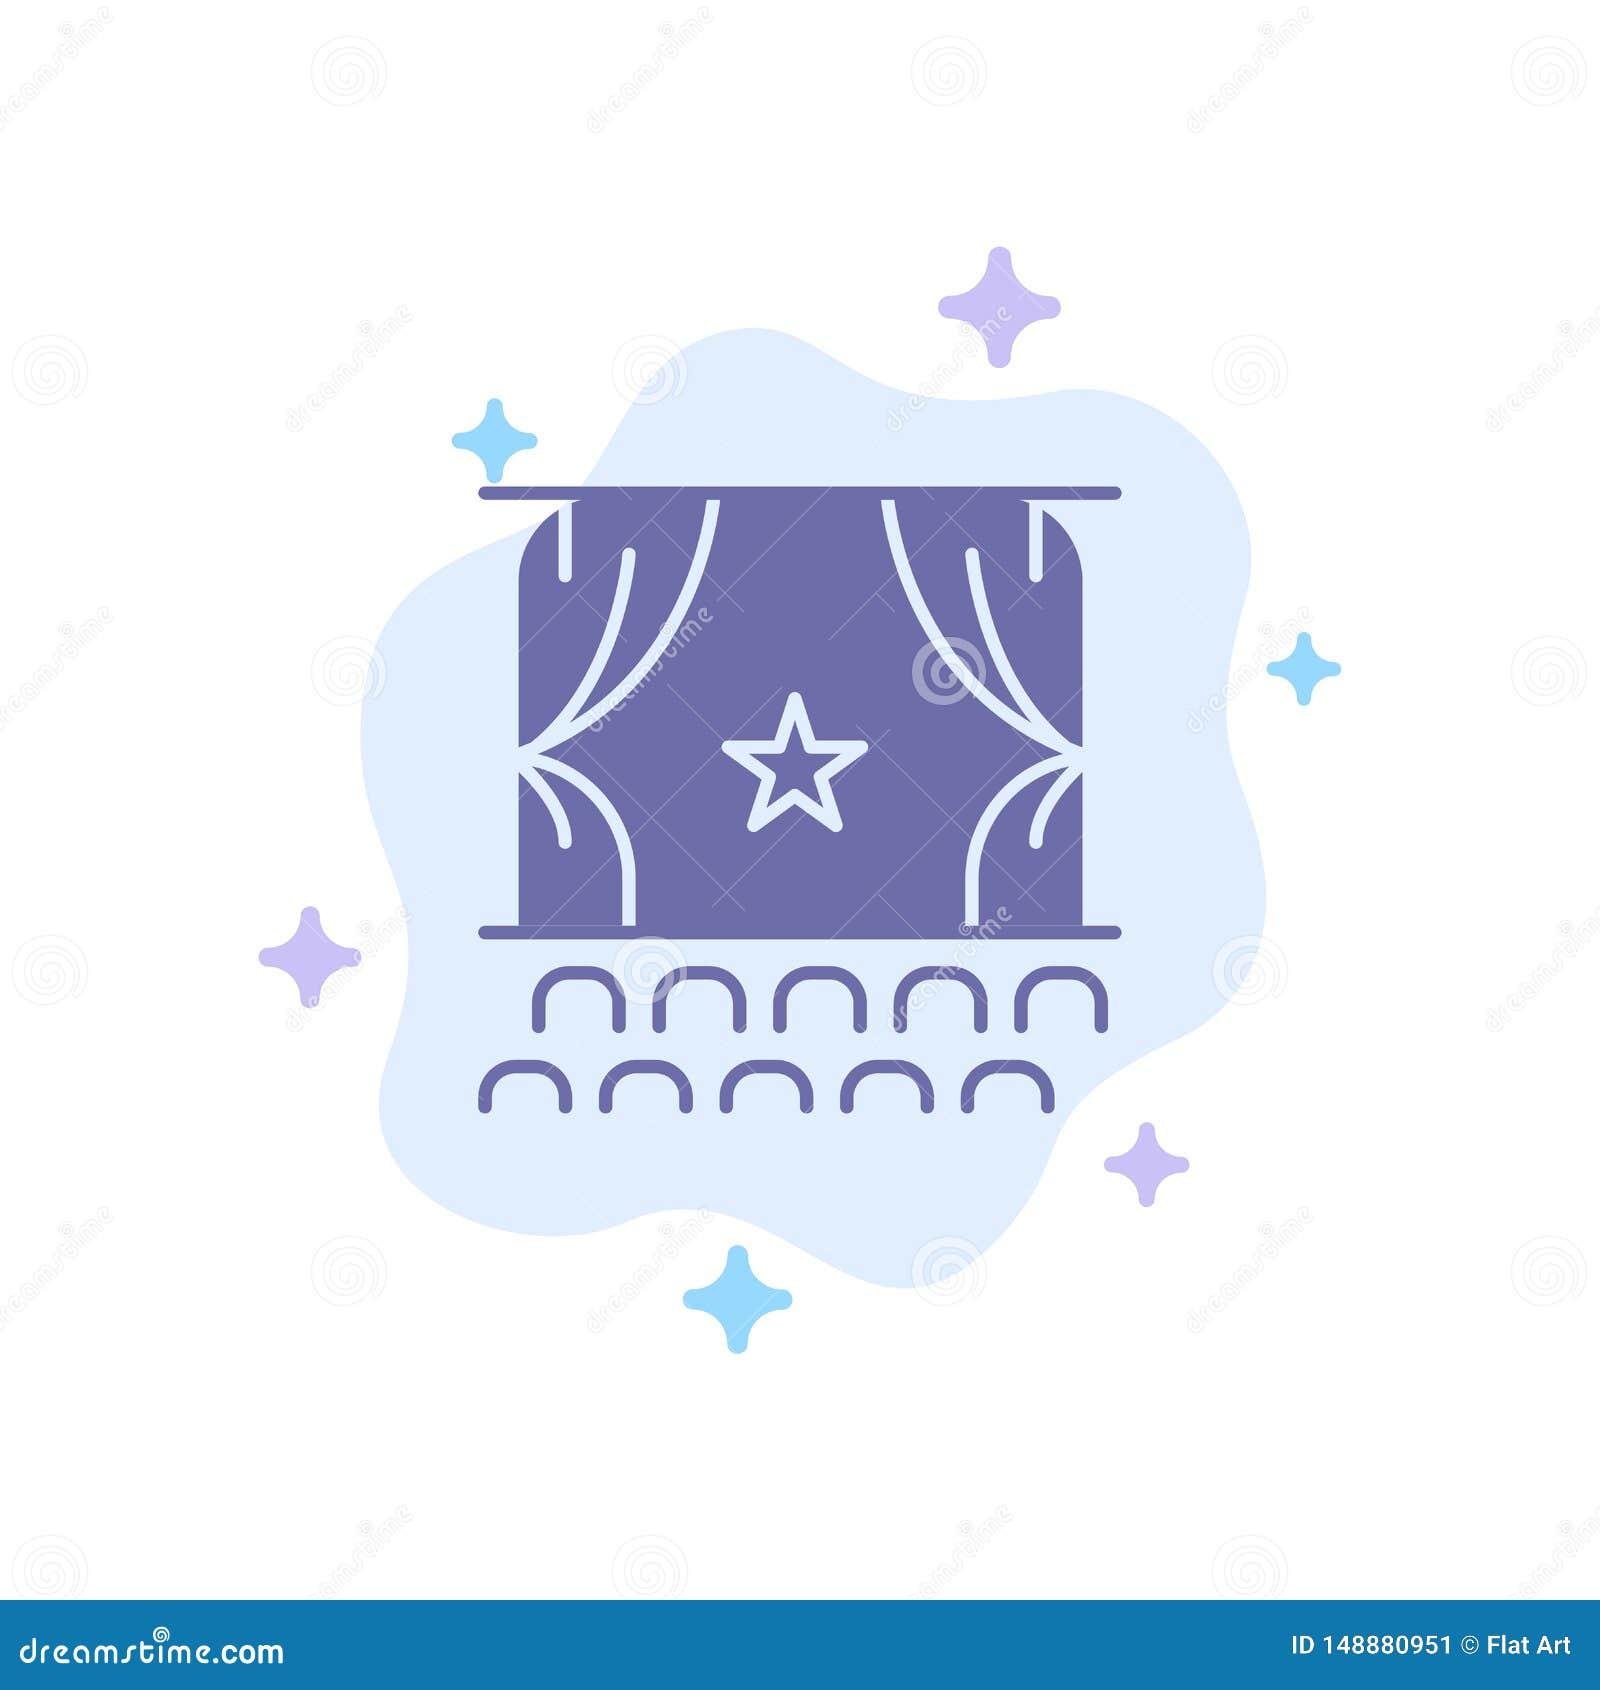 Cine, principio, película, funcionamiento, icono azul de la premier en fondo abstracto de la nube